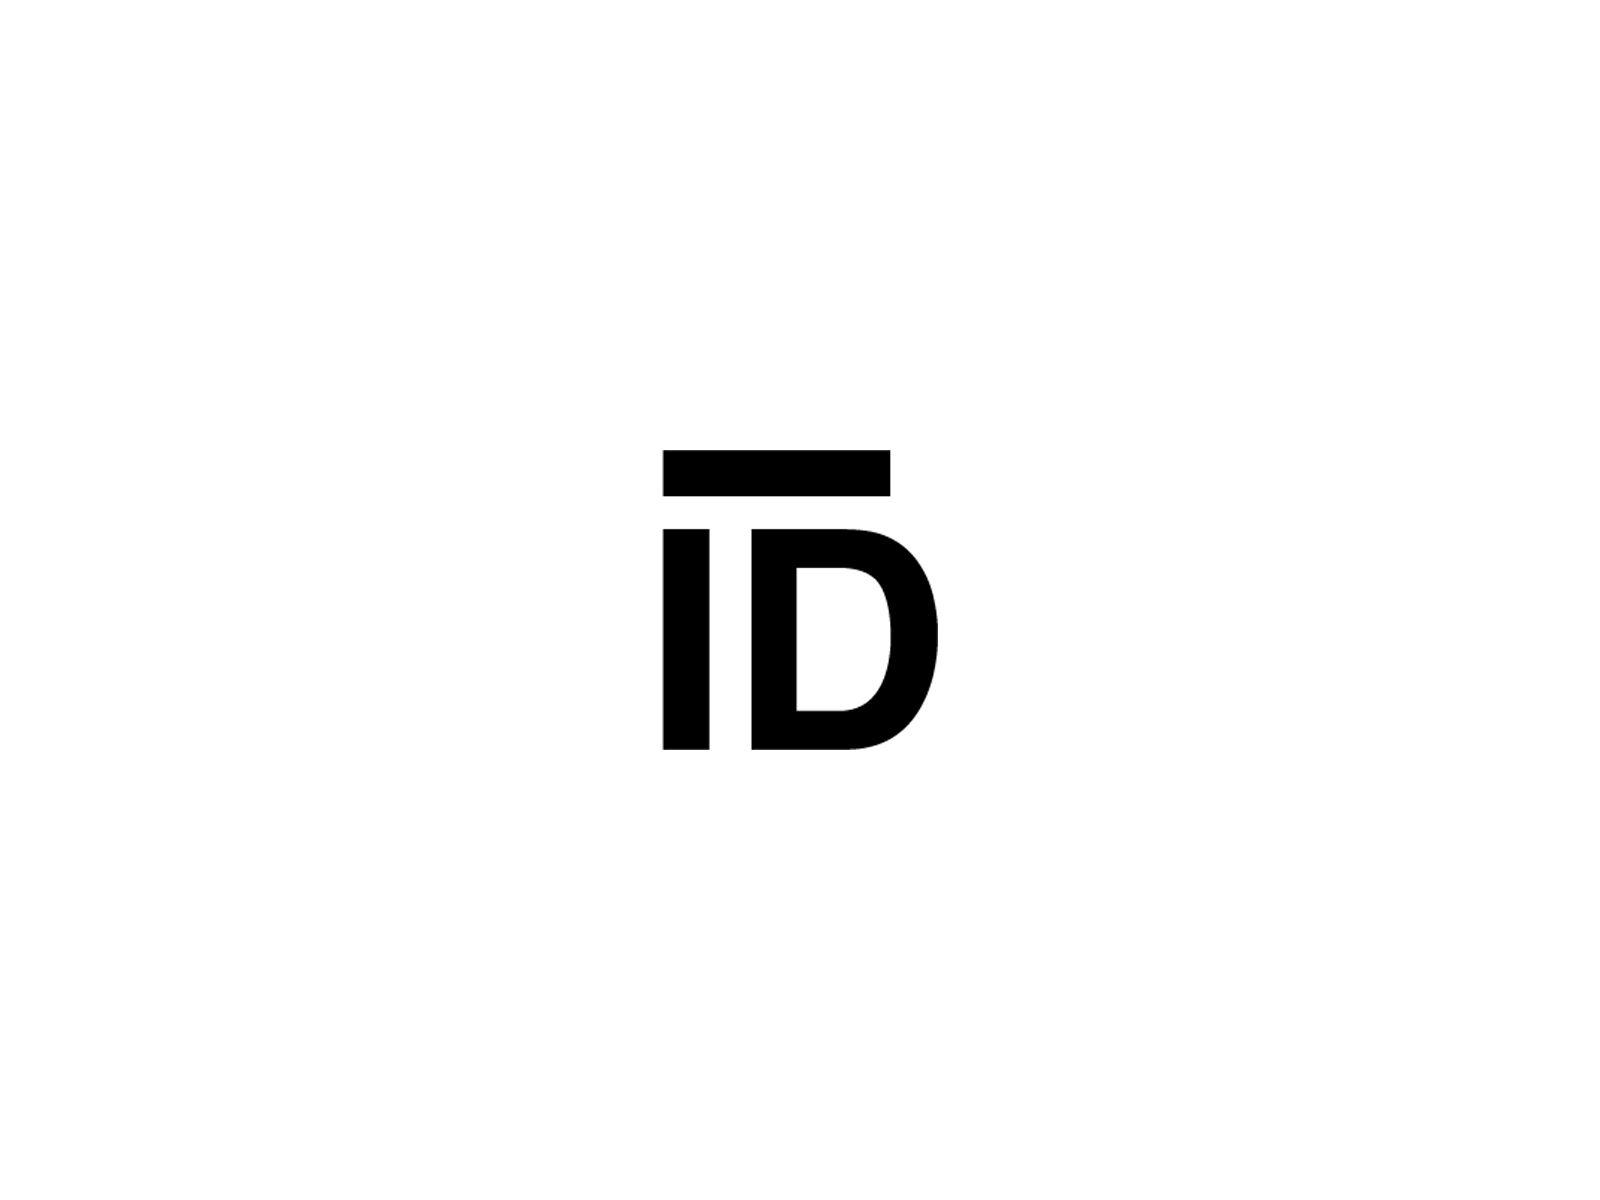 Лого и фирменный стиль для iD Такси - дизайнер chebdesign